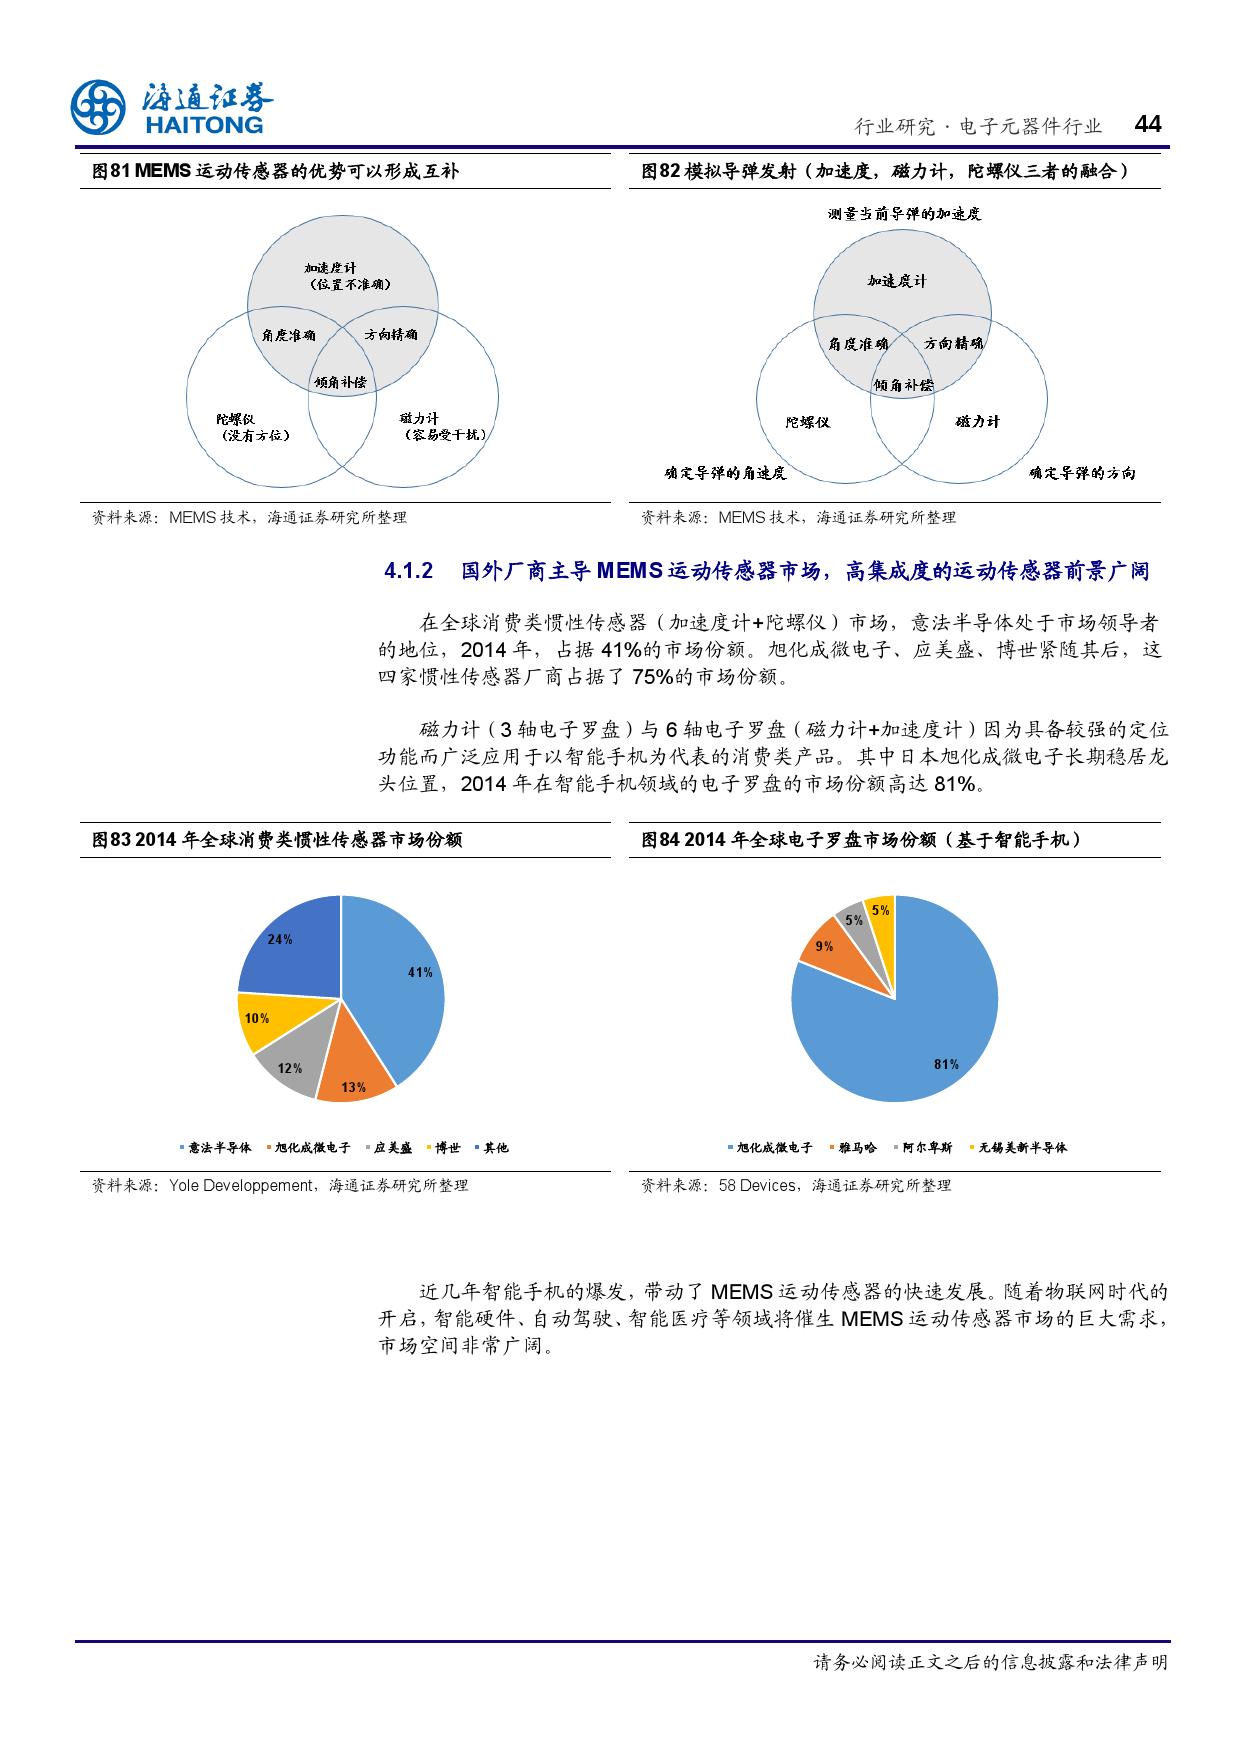 报告全解传感器全球产业链_000044